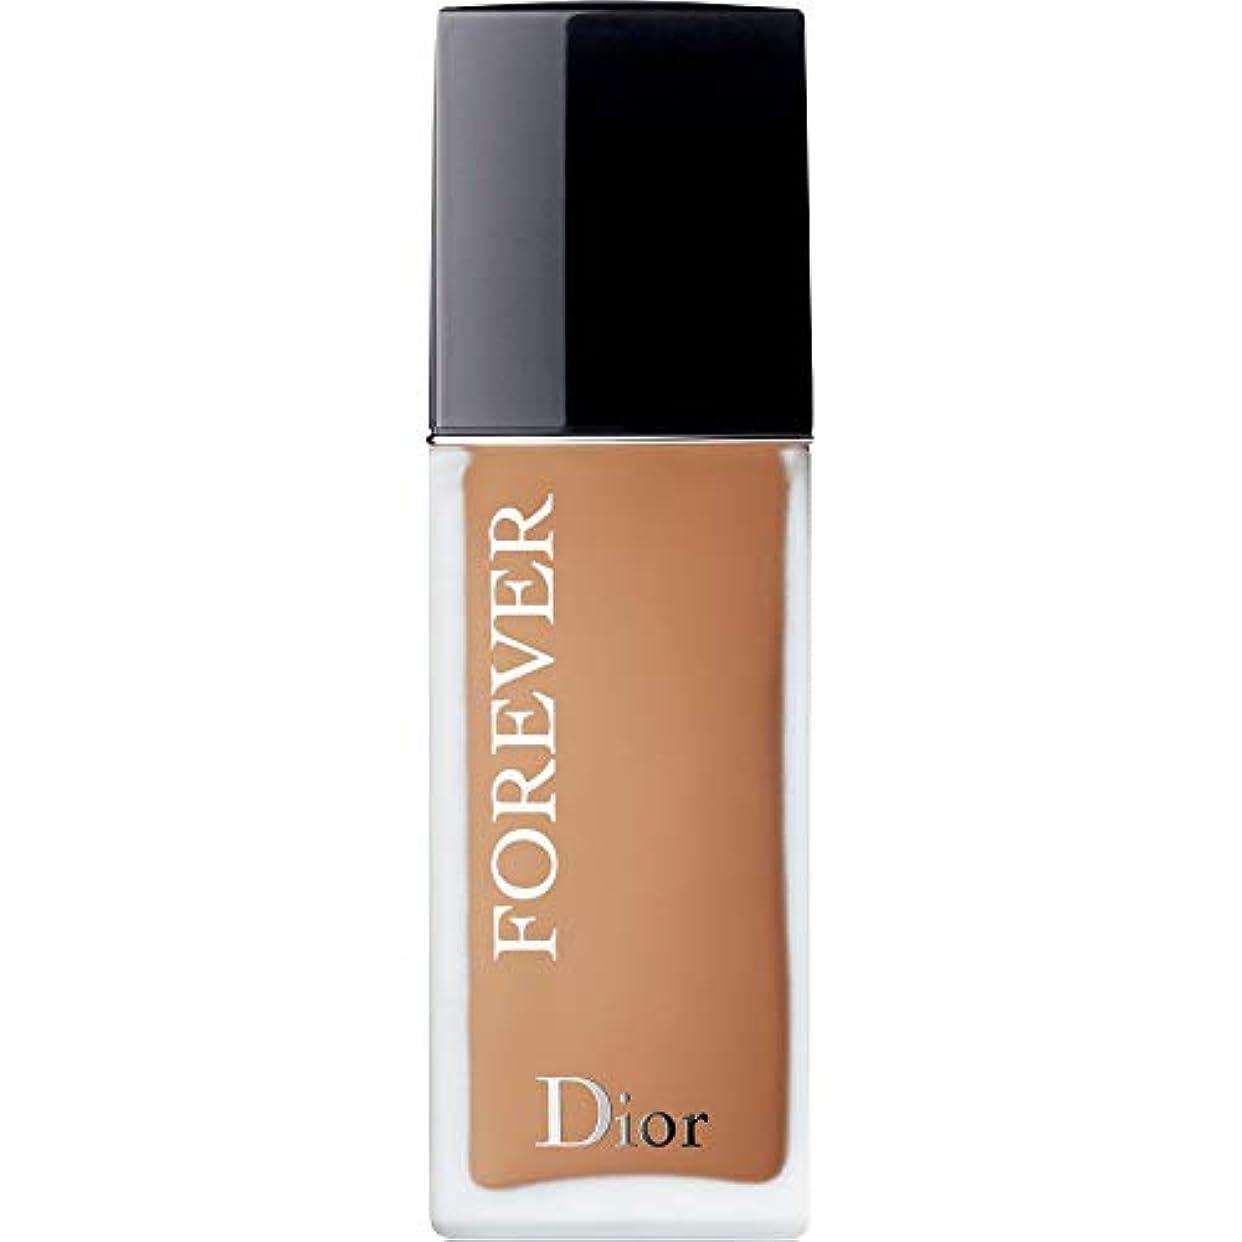 クアッガチューインガム西部[Dior ] ディオール永遠皮膚思いやりの基盤Spf35 30ミリリットルの4.5ワット - 暖かい(つや消し) - DIOR Forever Skin-Caring Foundation SPF35 30ml 4.5W...